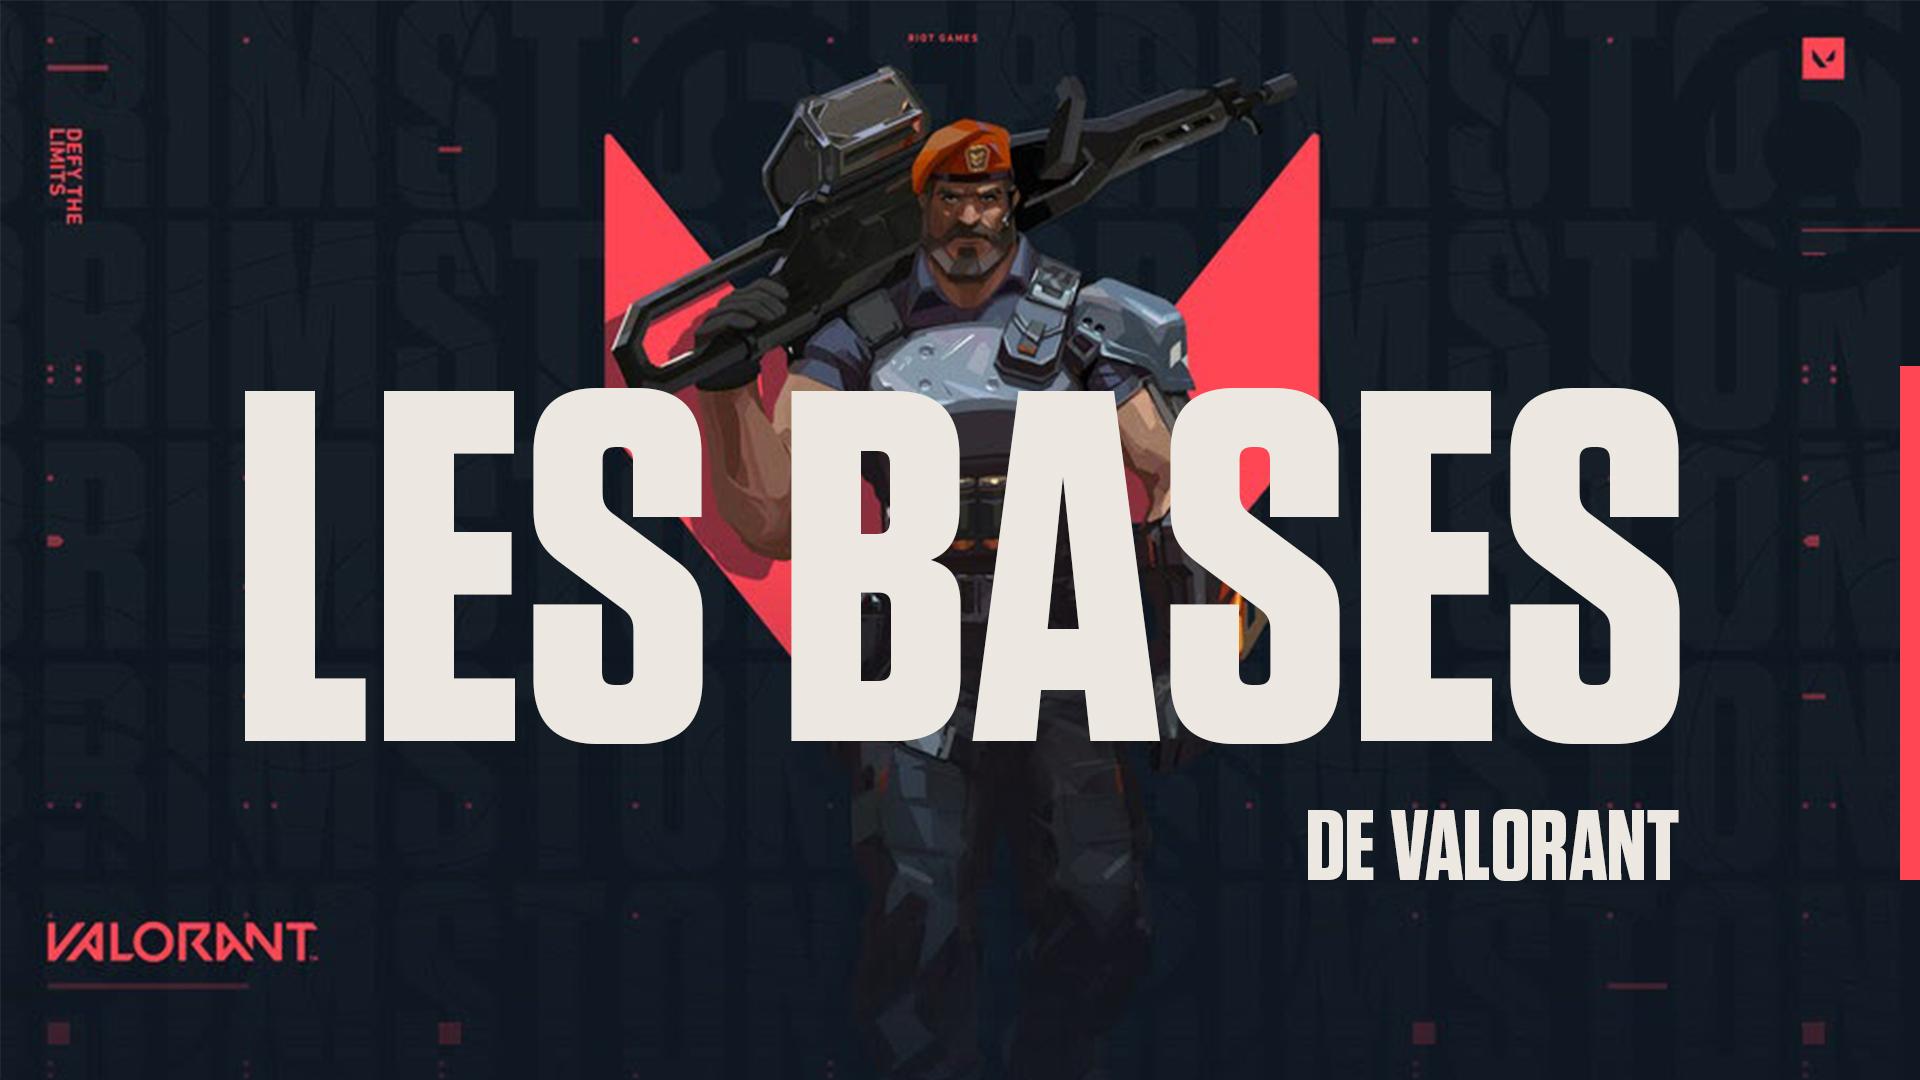 Thumbnail Bases VALORANT